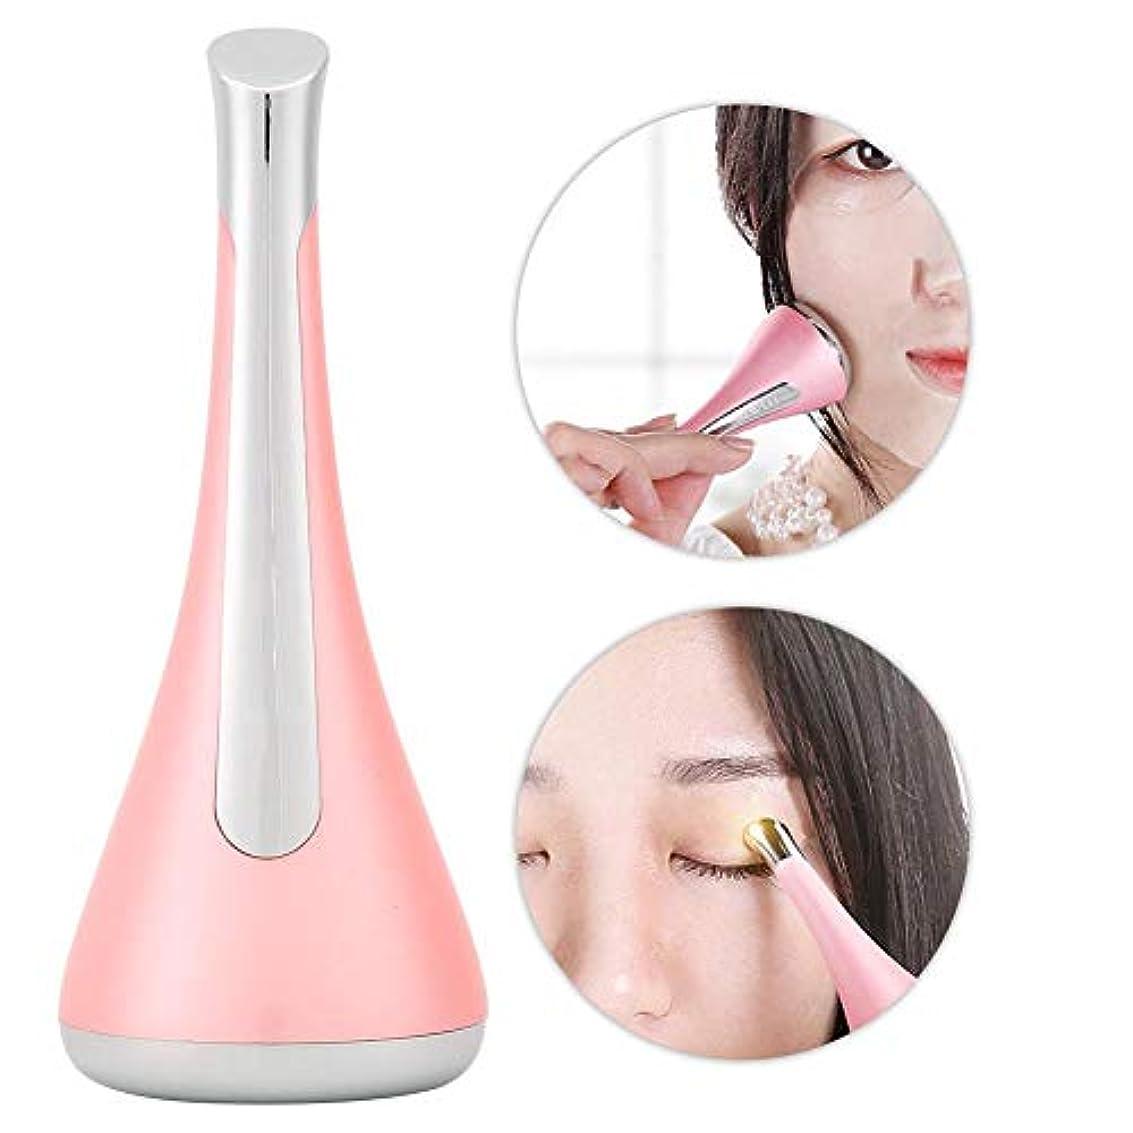 美容機器磁気療法+イオン療法若返りエッセンス輸入機、顔の輪郭完璧な顔のケアと復活